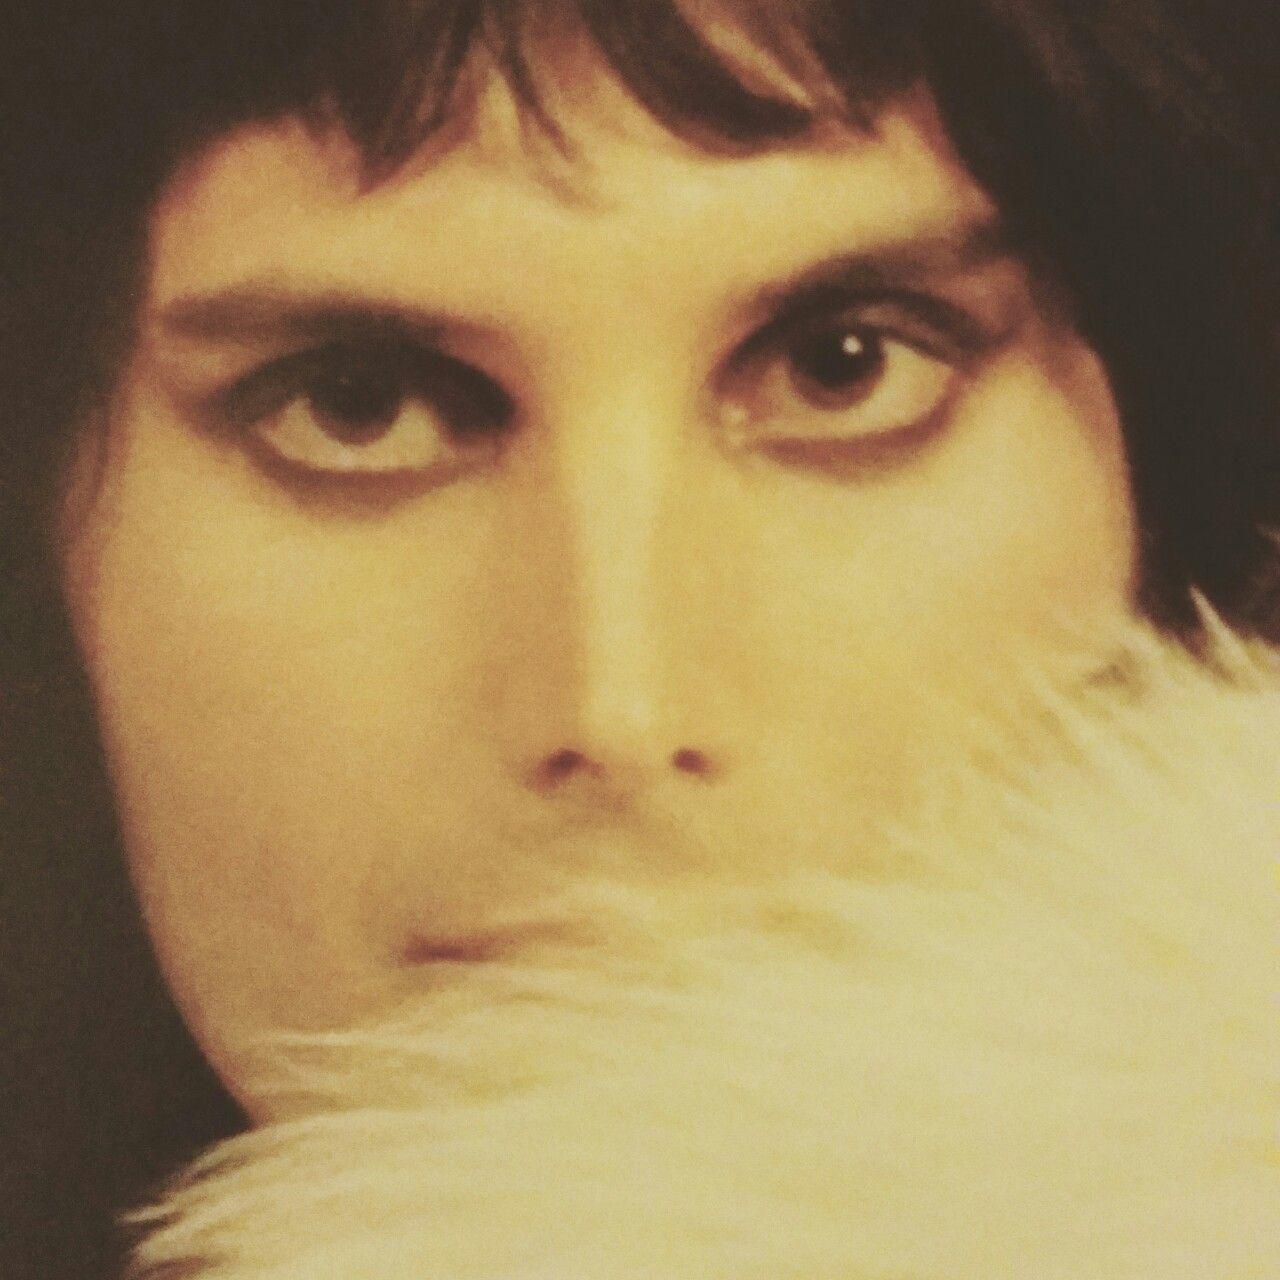 Long Haired Freddie Mercury 5 9 1946 24 11 1991 Queen Freddie Mercury Freddie Mercury Young Freddie Mercury